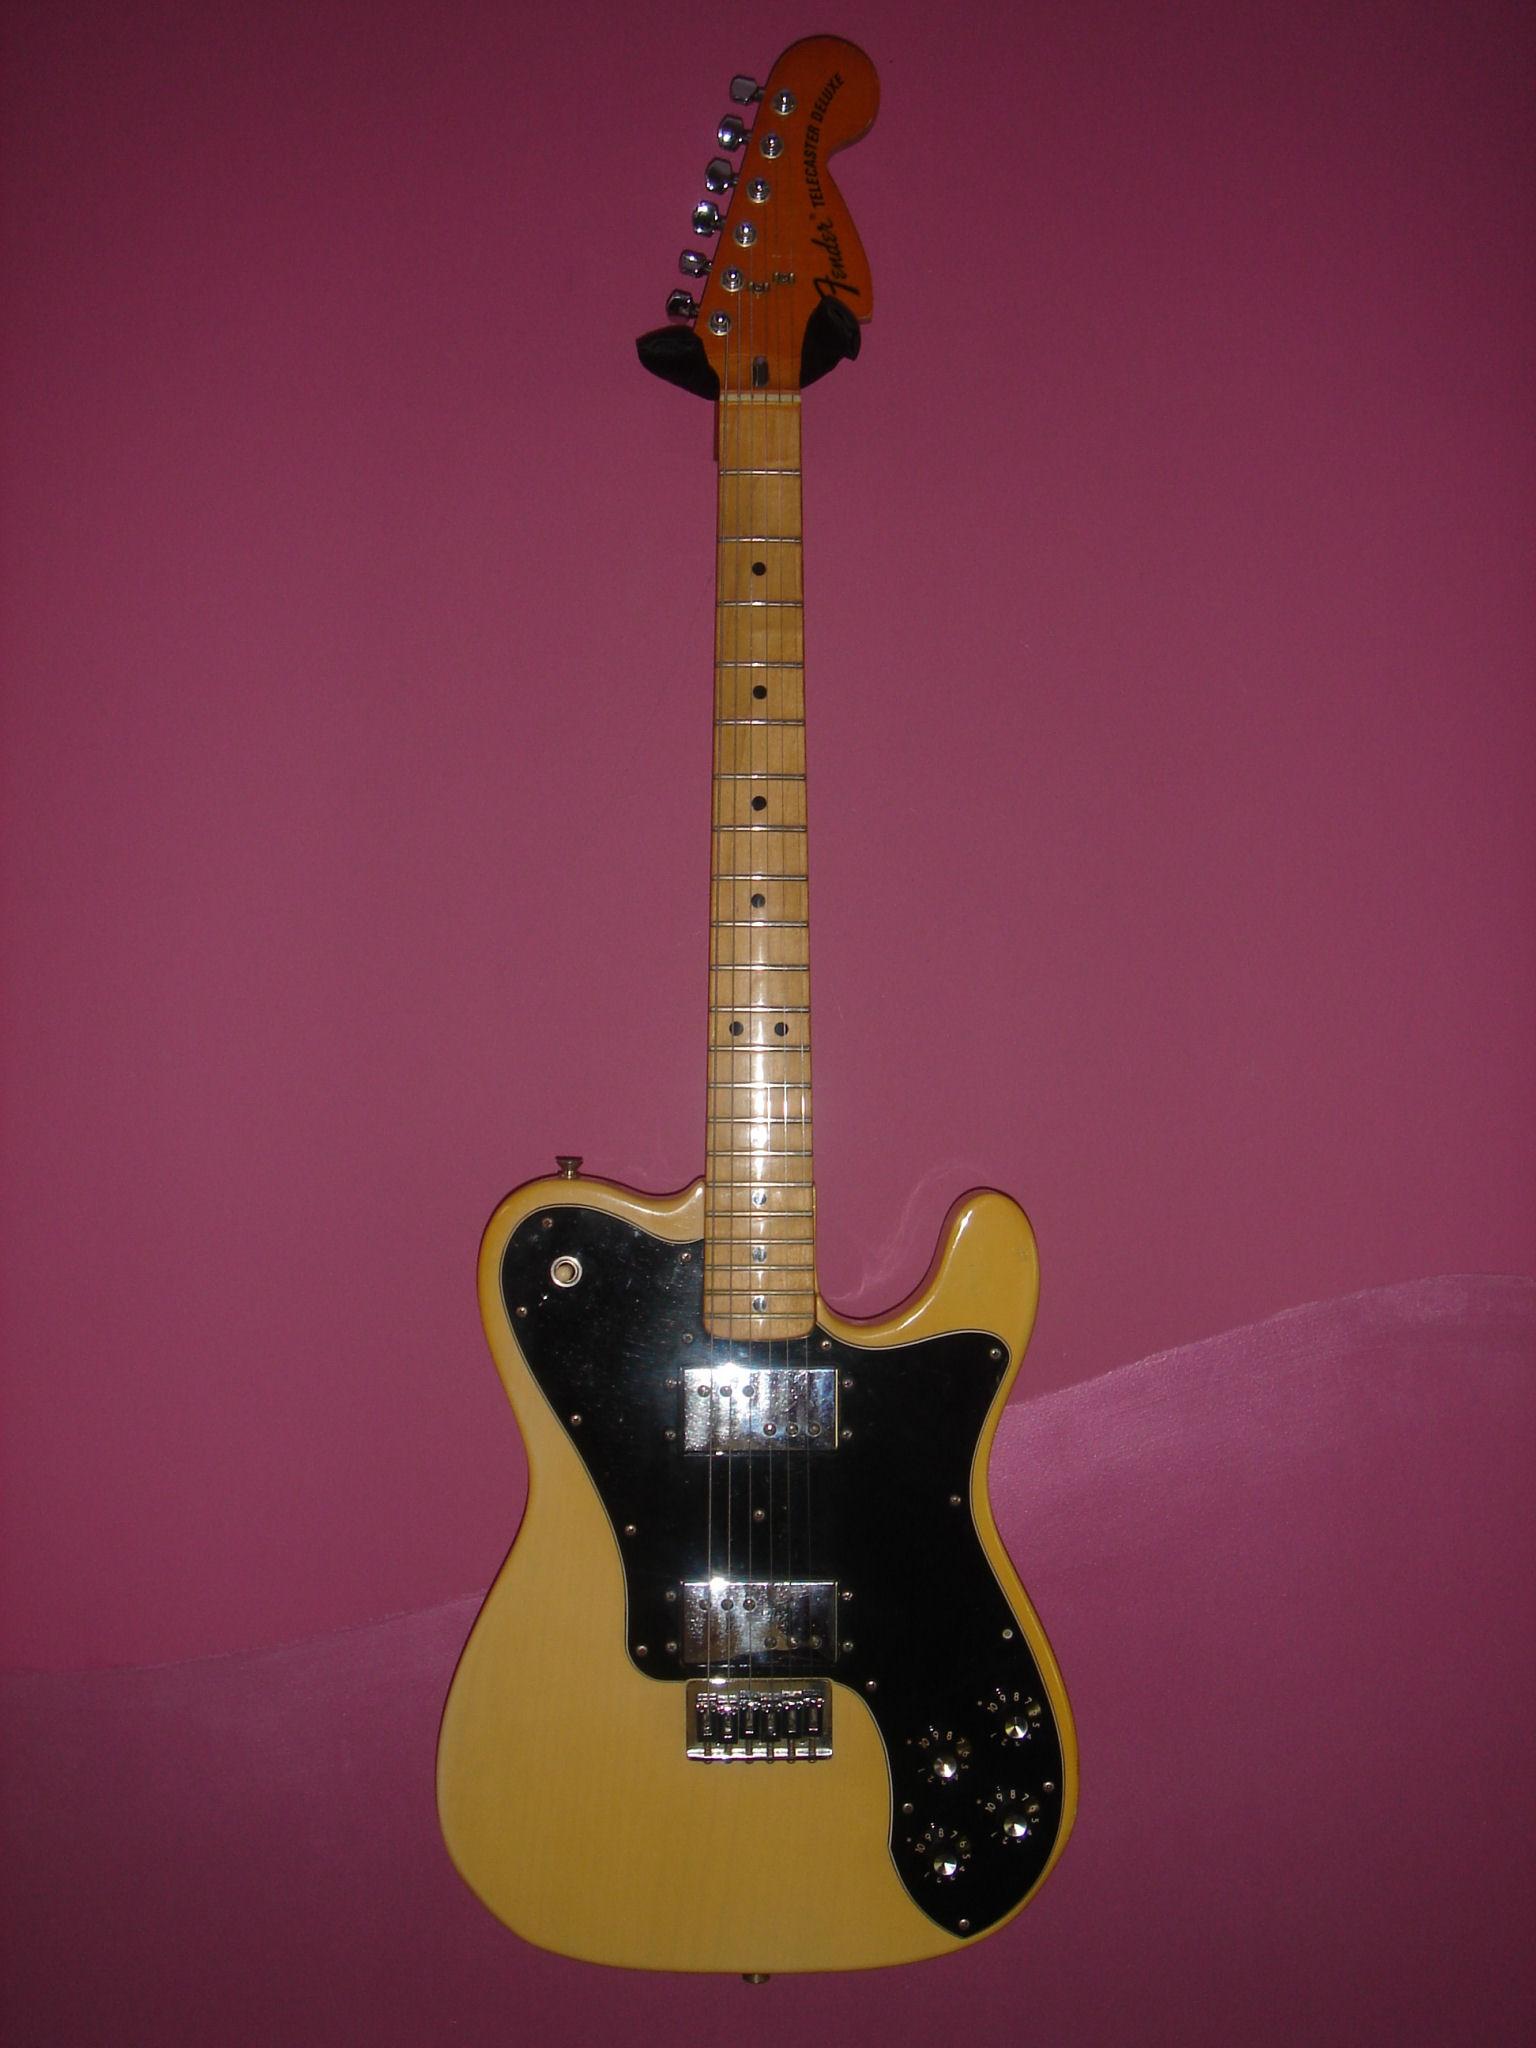 1973 Fender Telecaster Deluxe